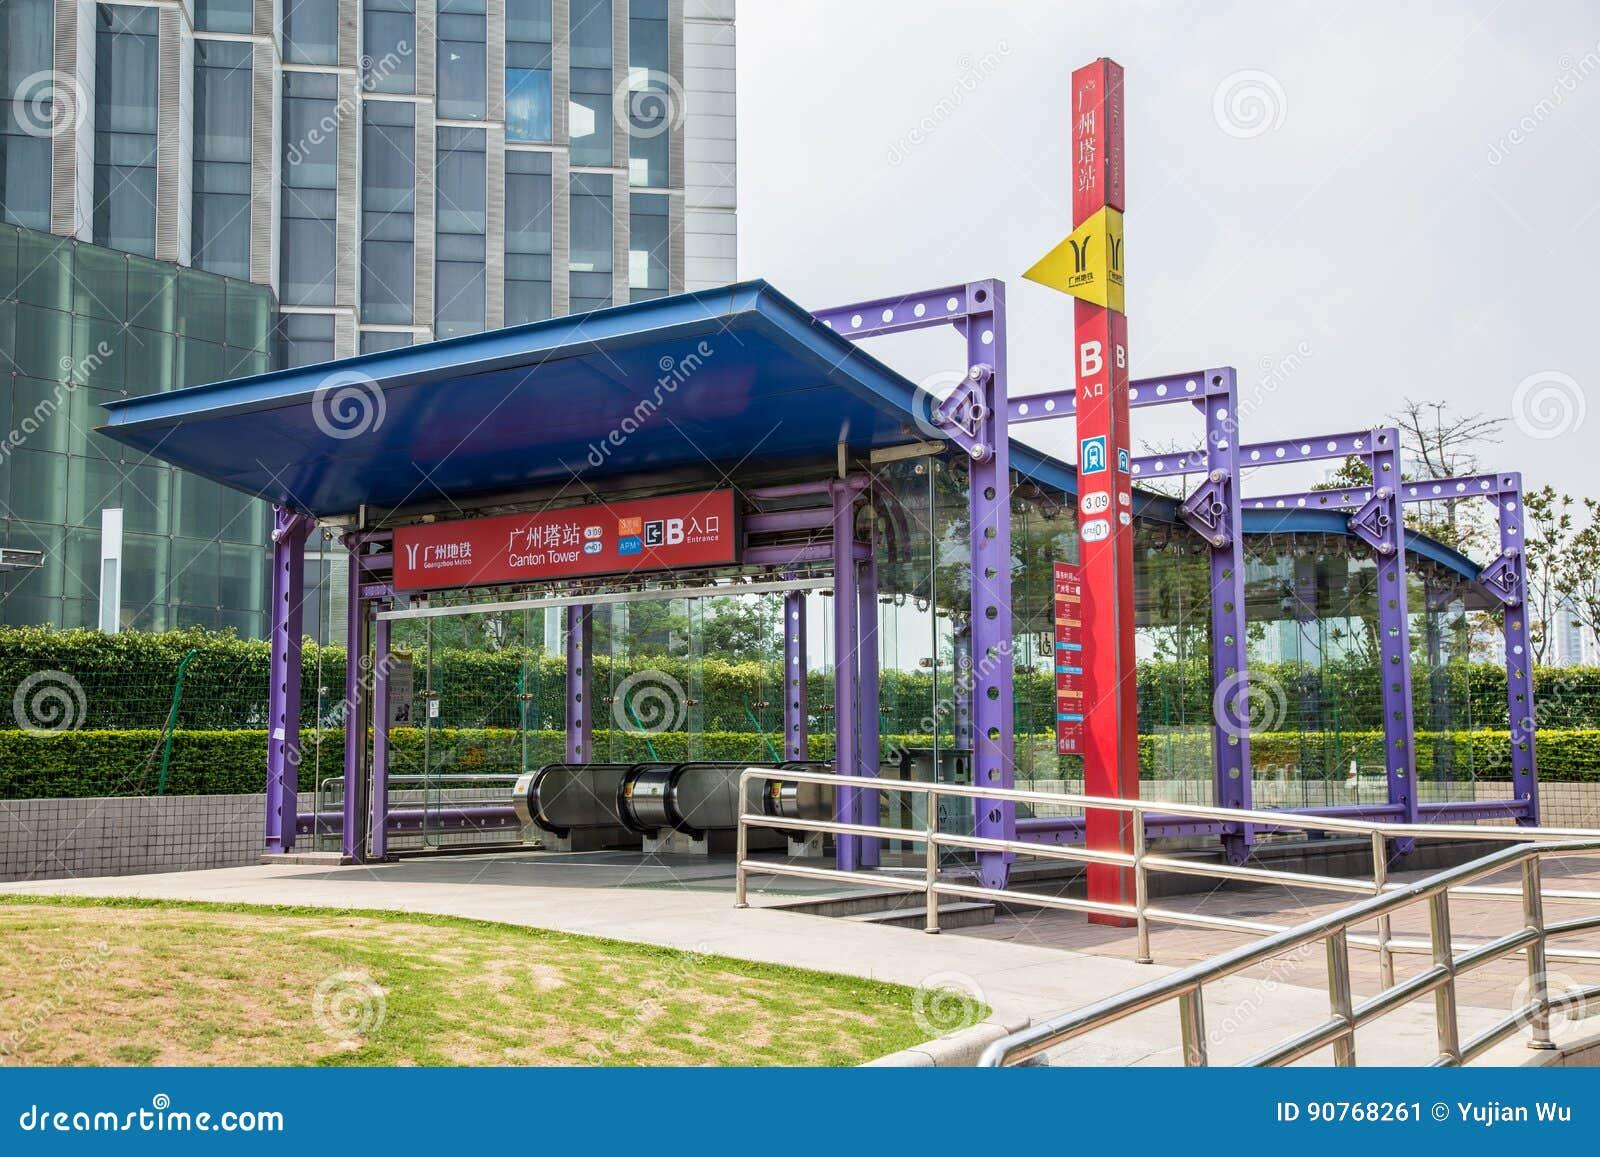 Guangzhou-U-Bahnstation Mit Einer Stahlrahmenkonstruktion ...